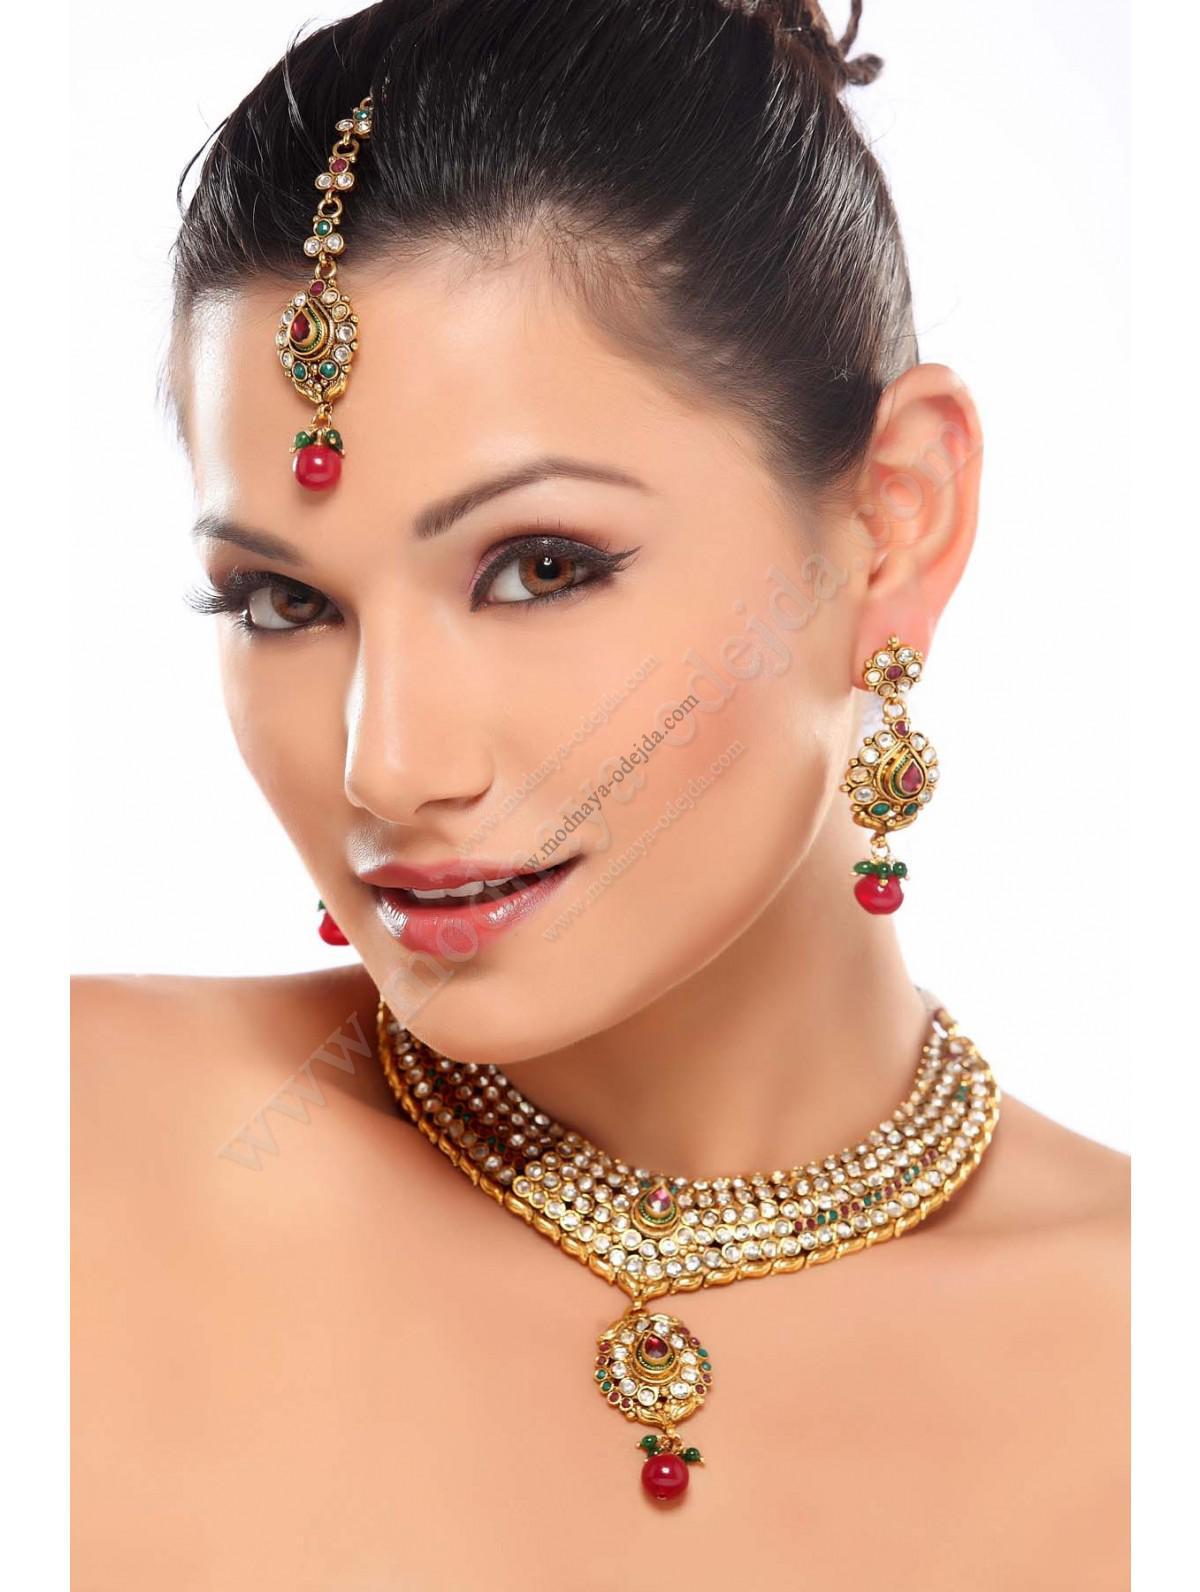 Индийские сари, 20359 моделей (фото + цены